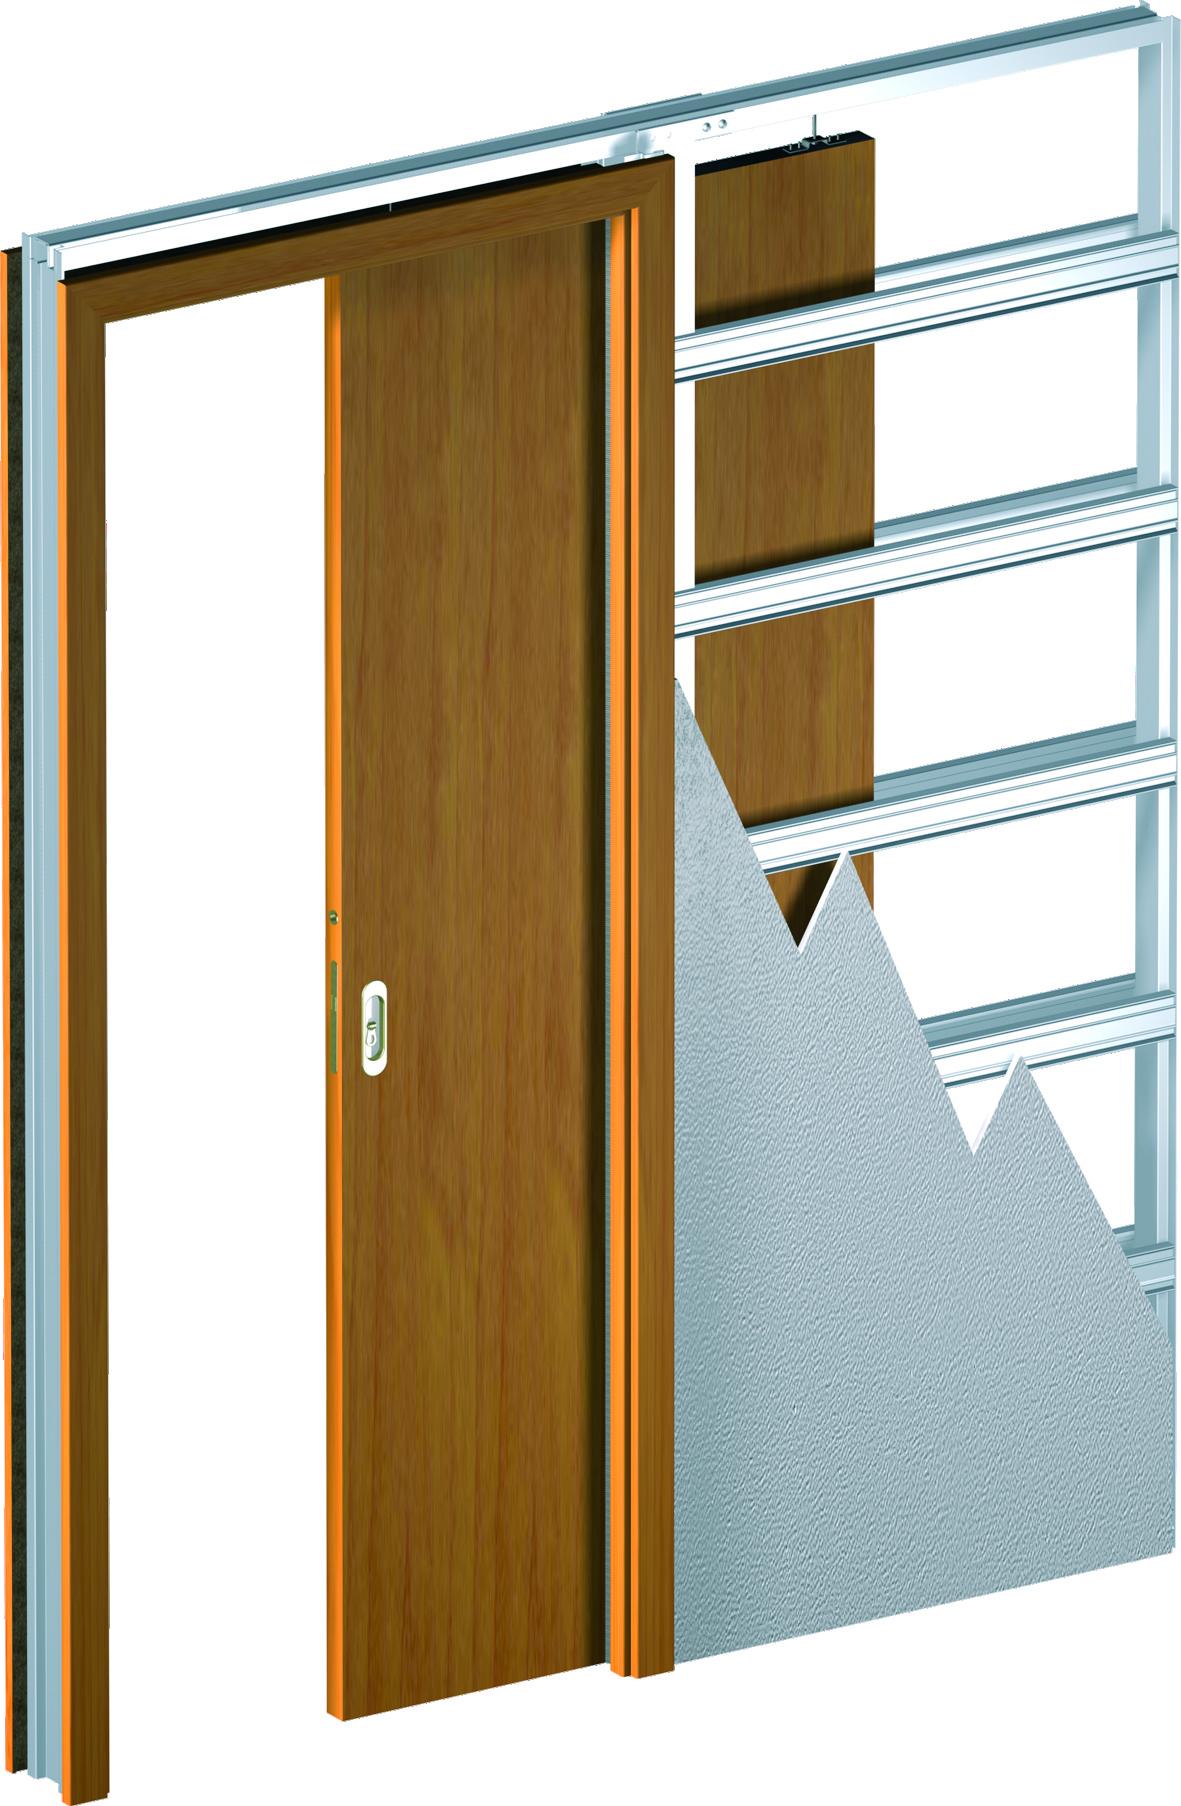 Раздвижные задвижные в стену двери, межкомнатные двери 311